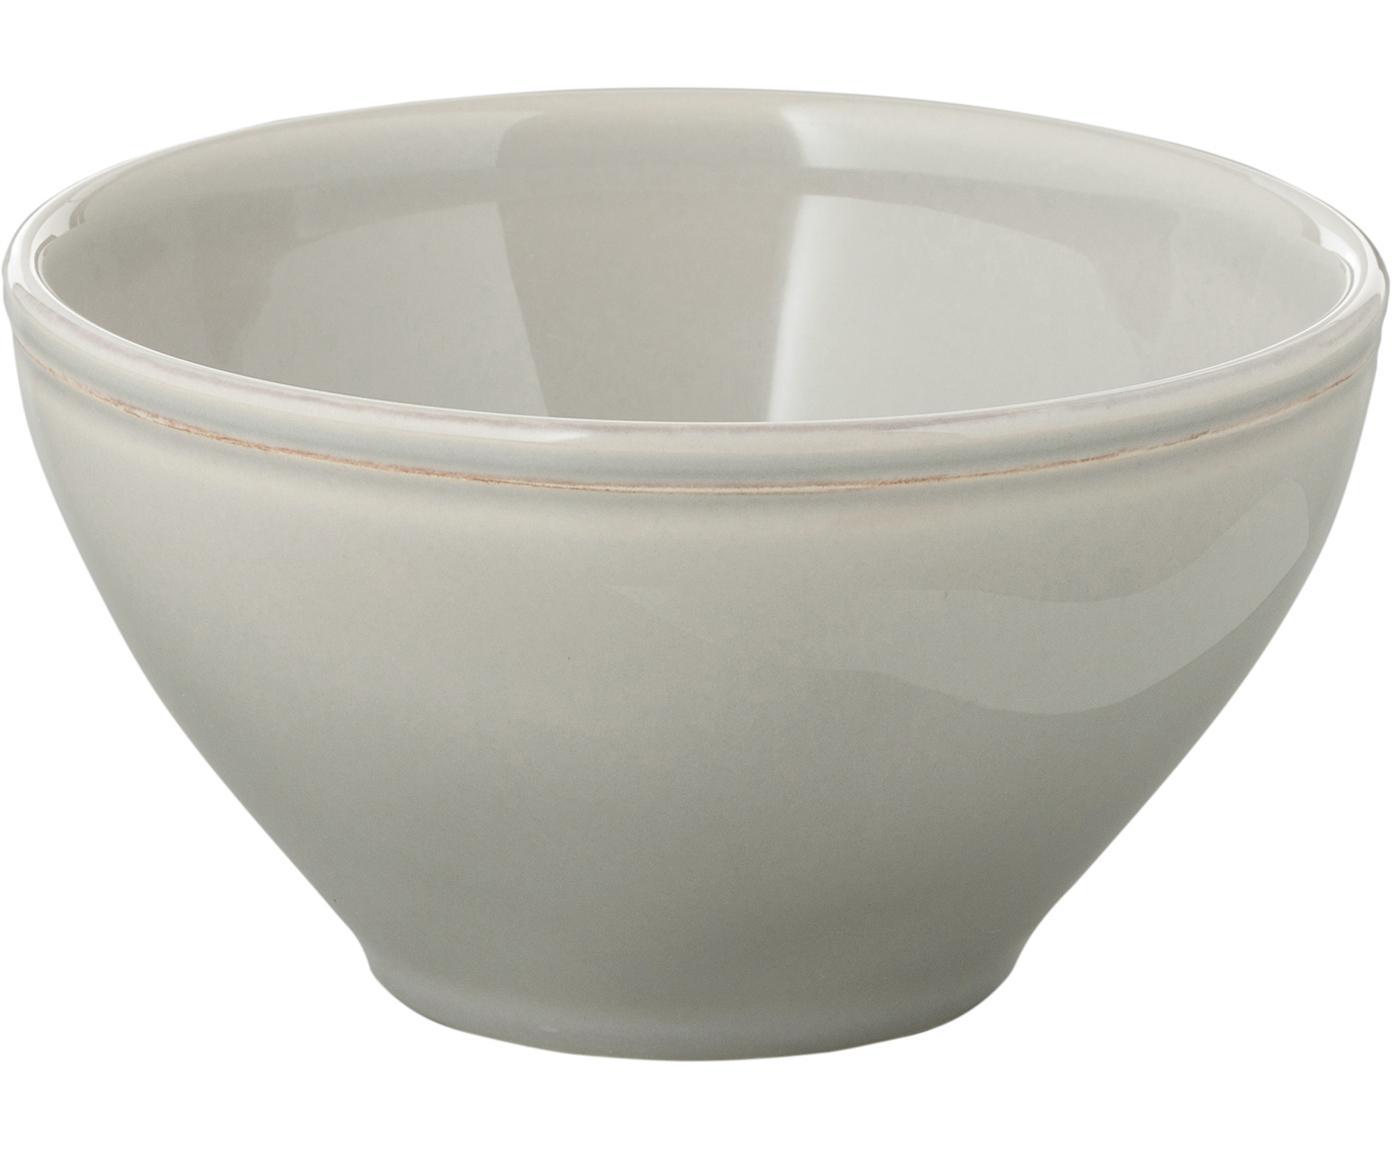 Miska Constance, 2 szt., Ceramika, Jasnoszary, Ø 15 x 9 cm